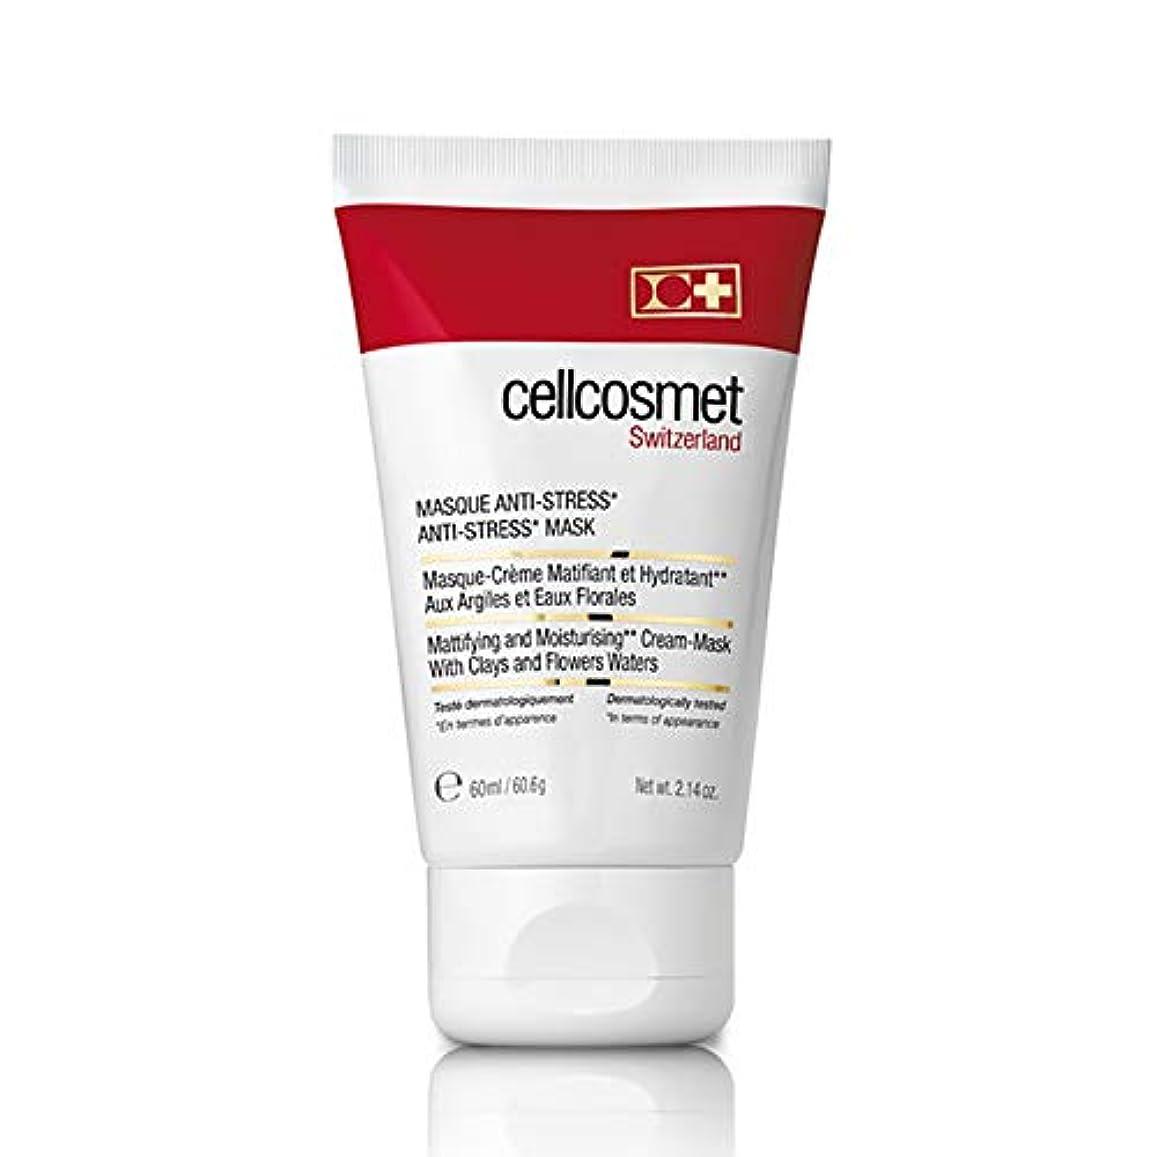 正当化するパプアニューギニア苦情文句セルコスメ & セルメン Cellcosmet Anti-Stress Mask - Ideal For Stressed, Sensitive or Reactive Skin 60ml/2.14oz並行輸入品